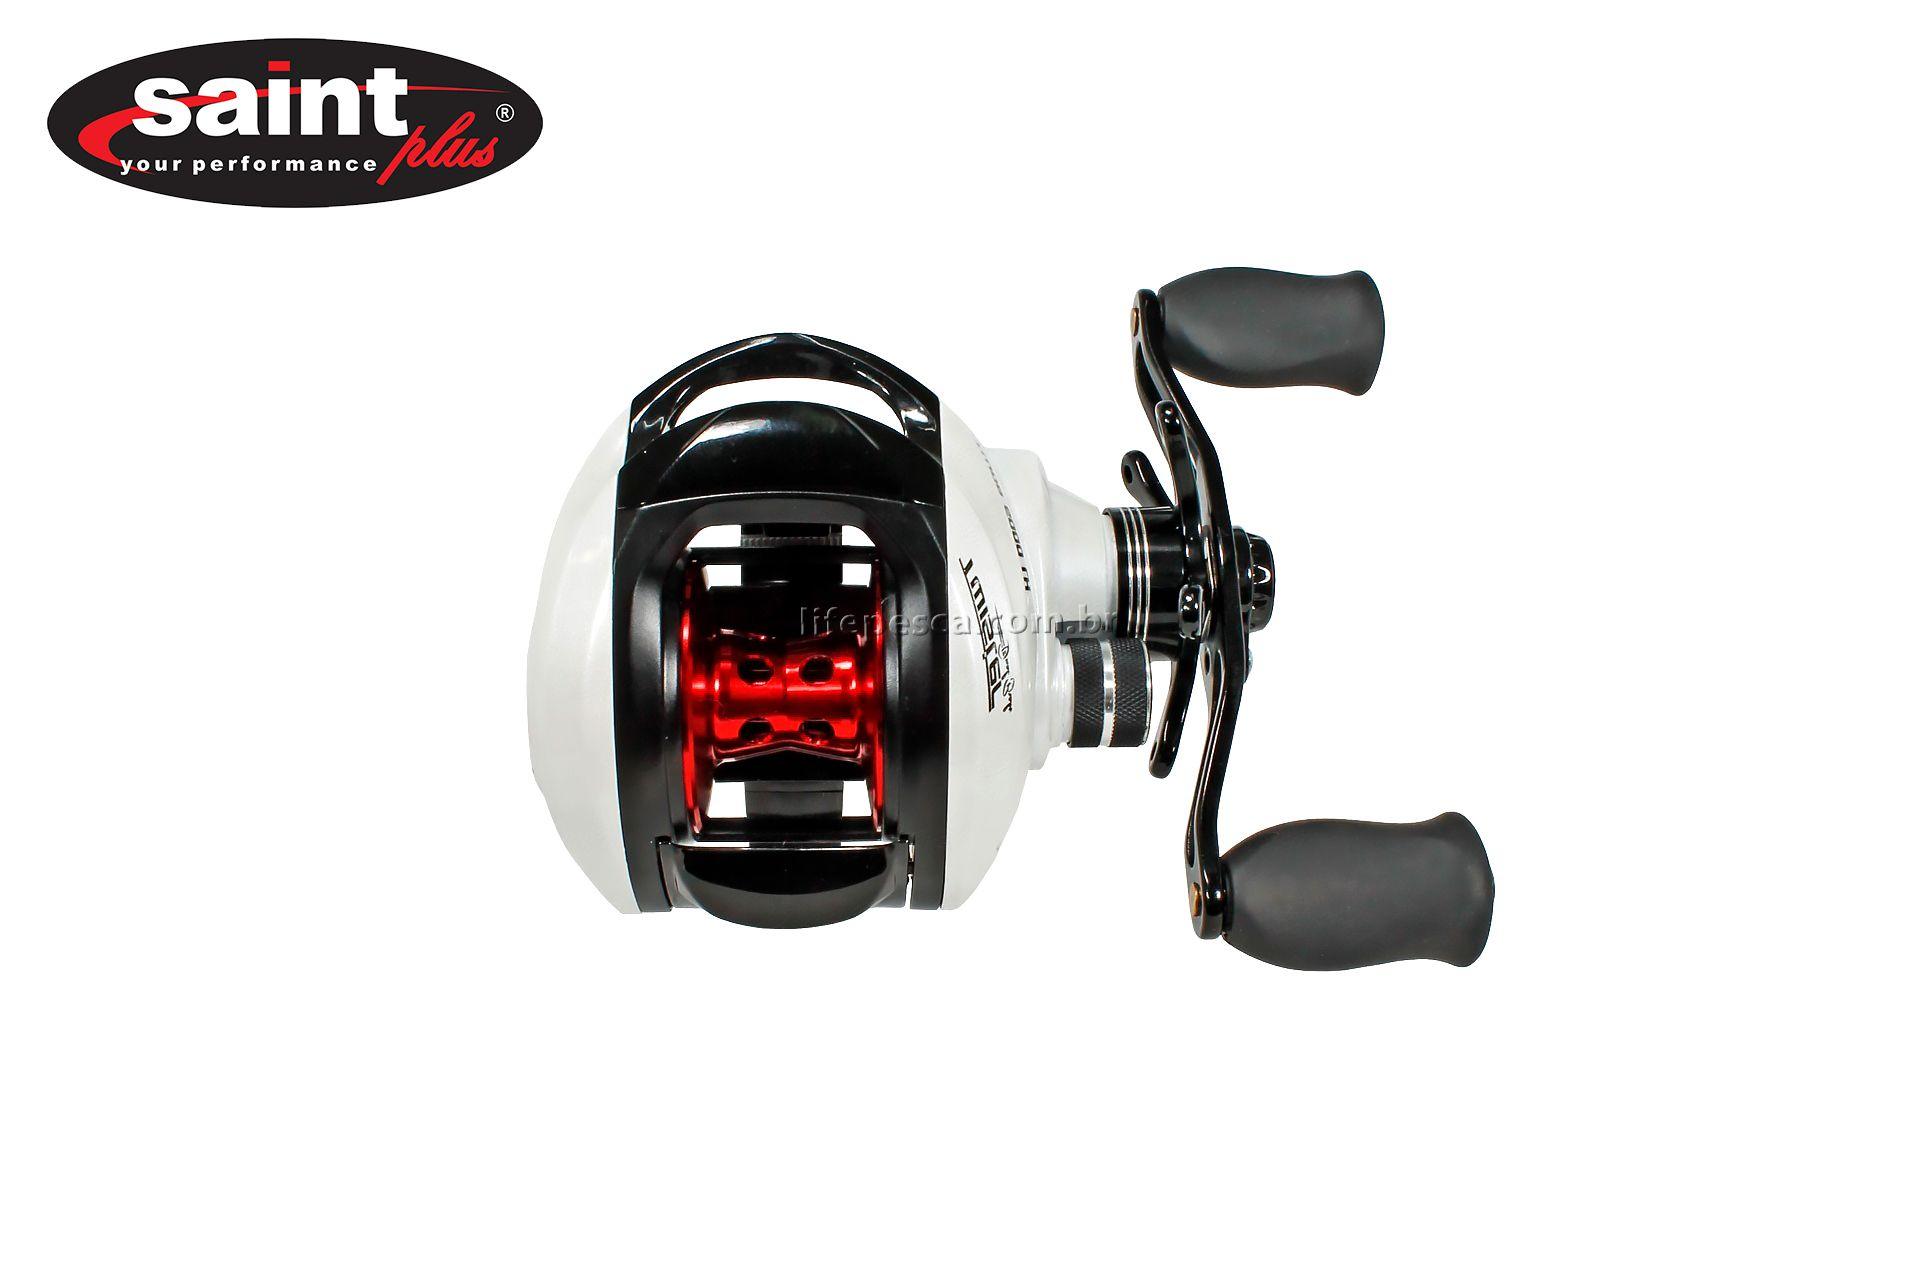 Carretilha Perfil Baixo Saint Twister Dual Brake 6000 - 6 Rolamentos  - Life Pesca - Sua loja de Pesca, Camping e Lazer